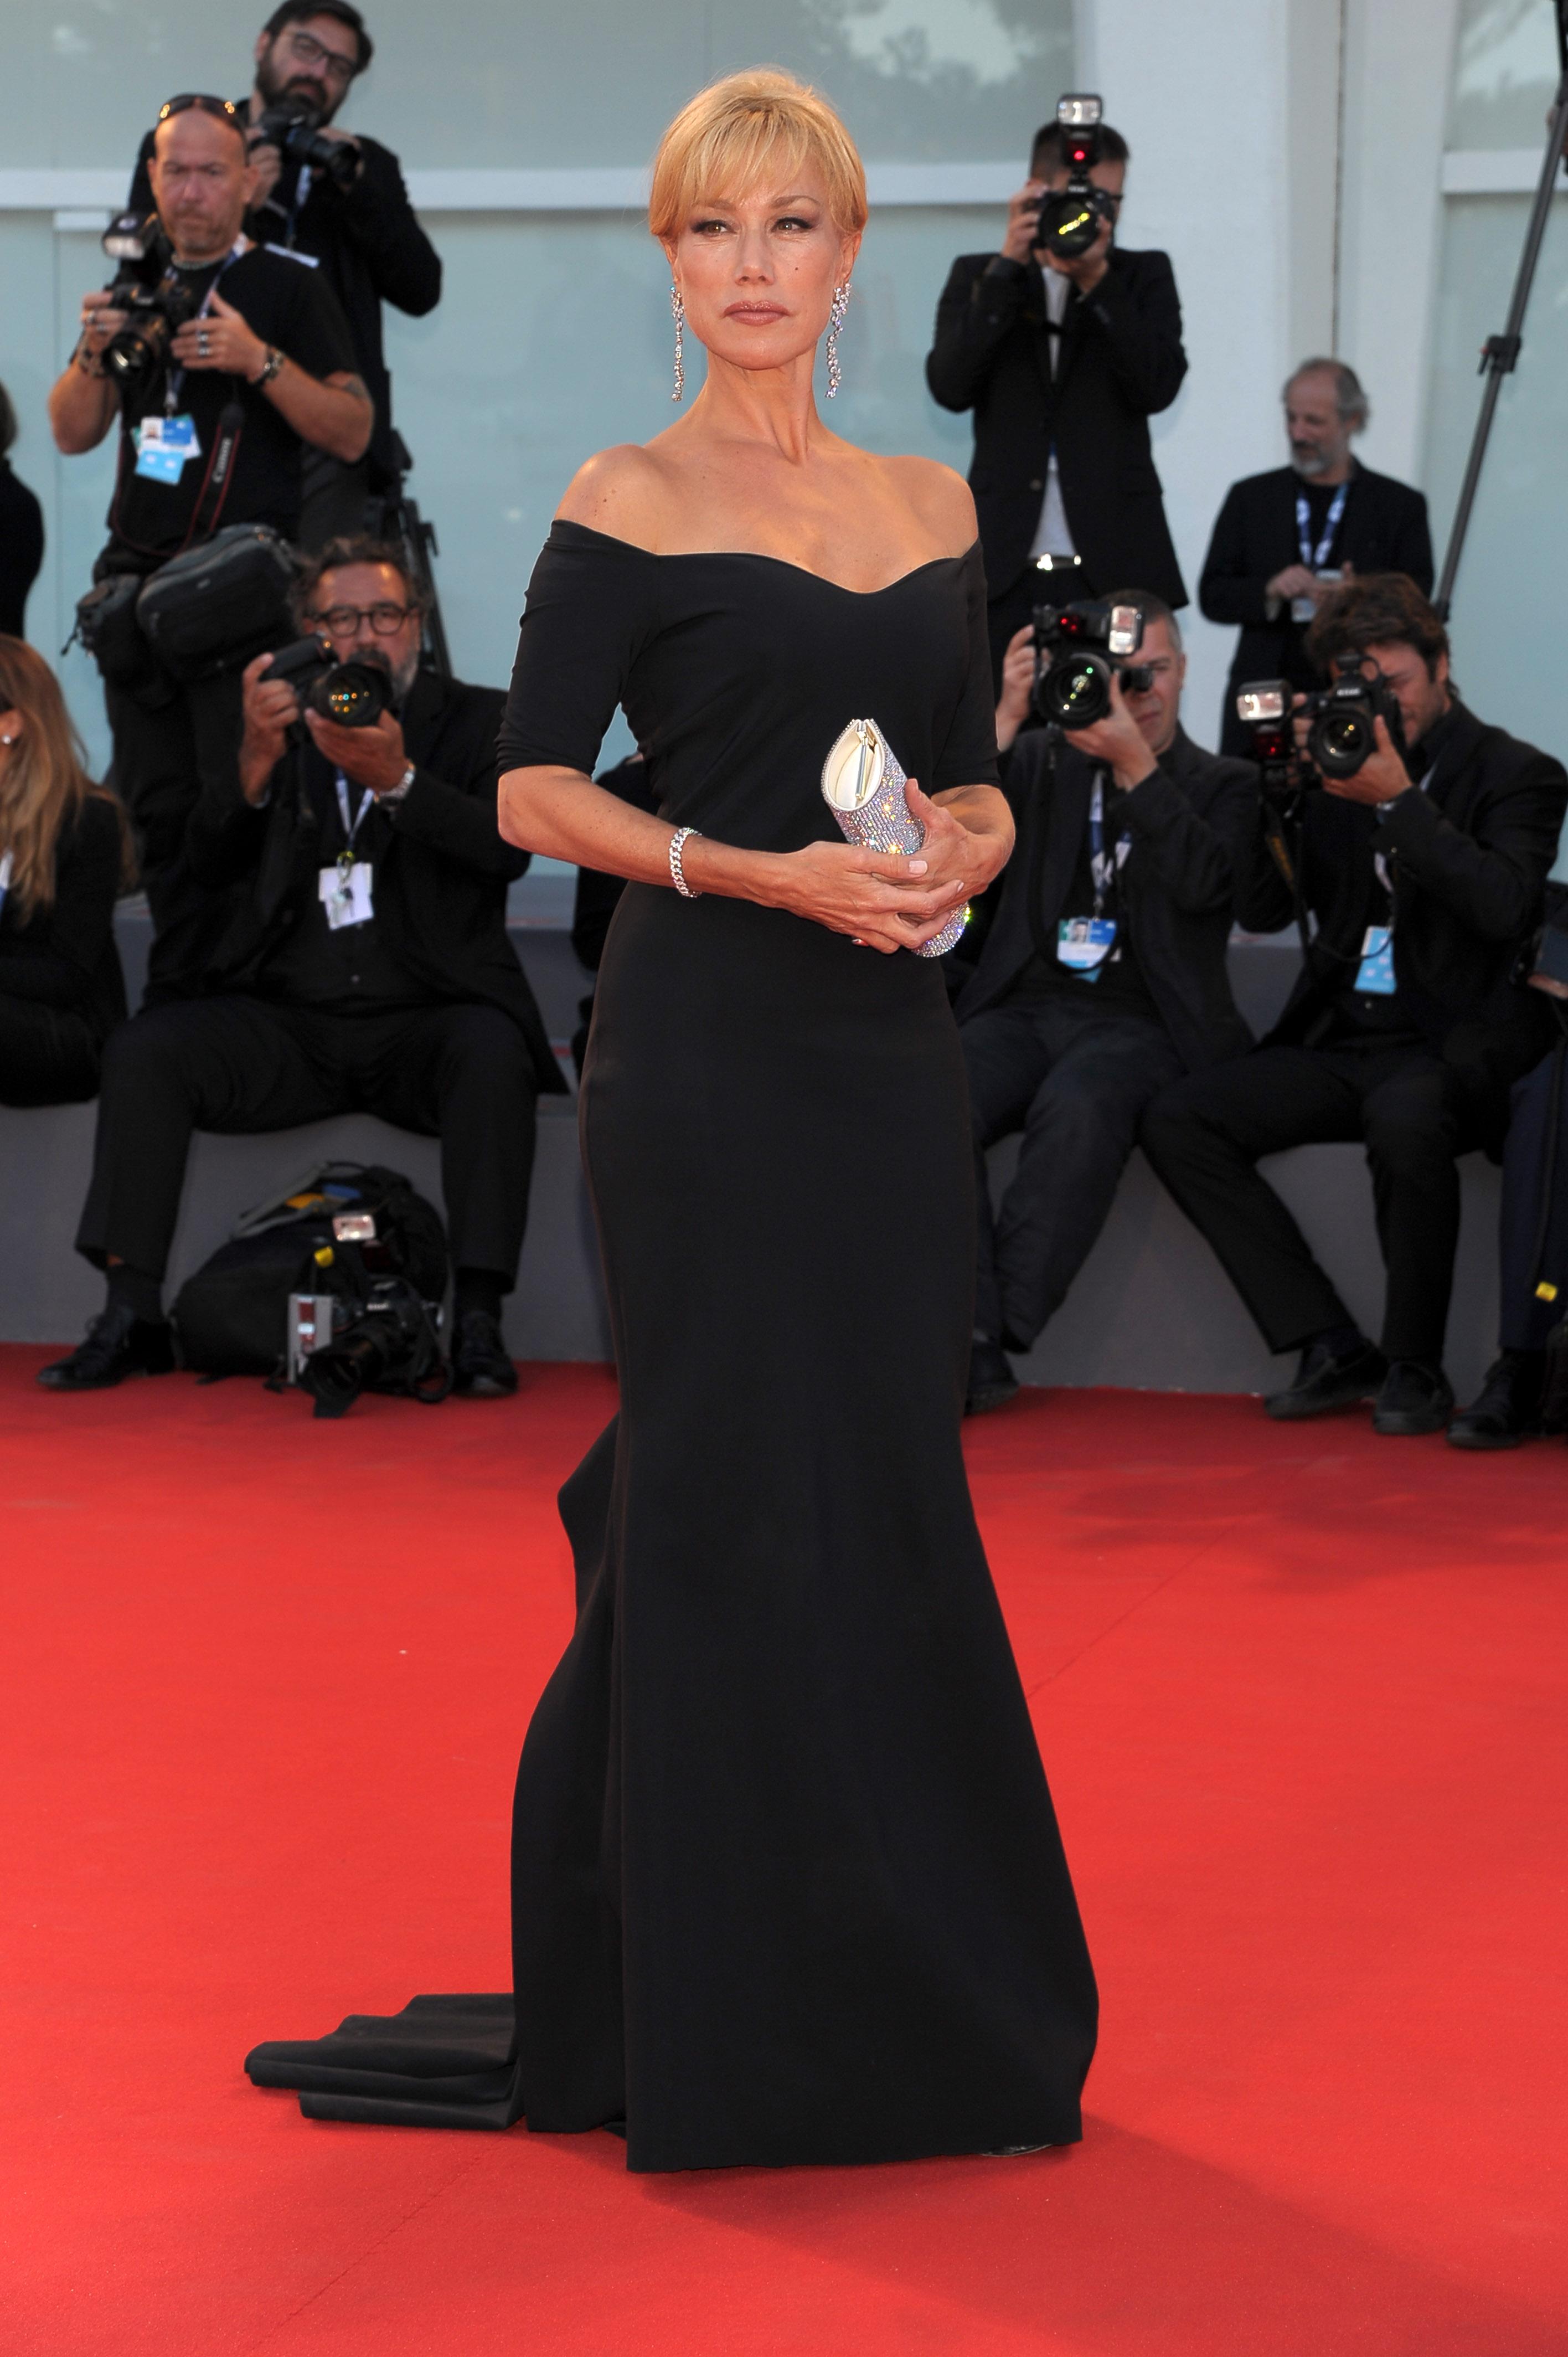 Mostra del Cinema di Venezia: gli italiani sul red carpet